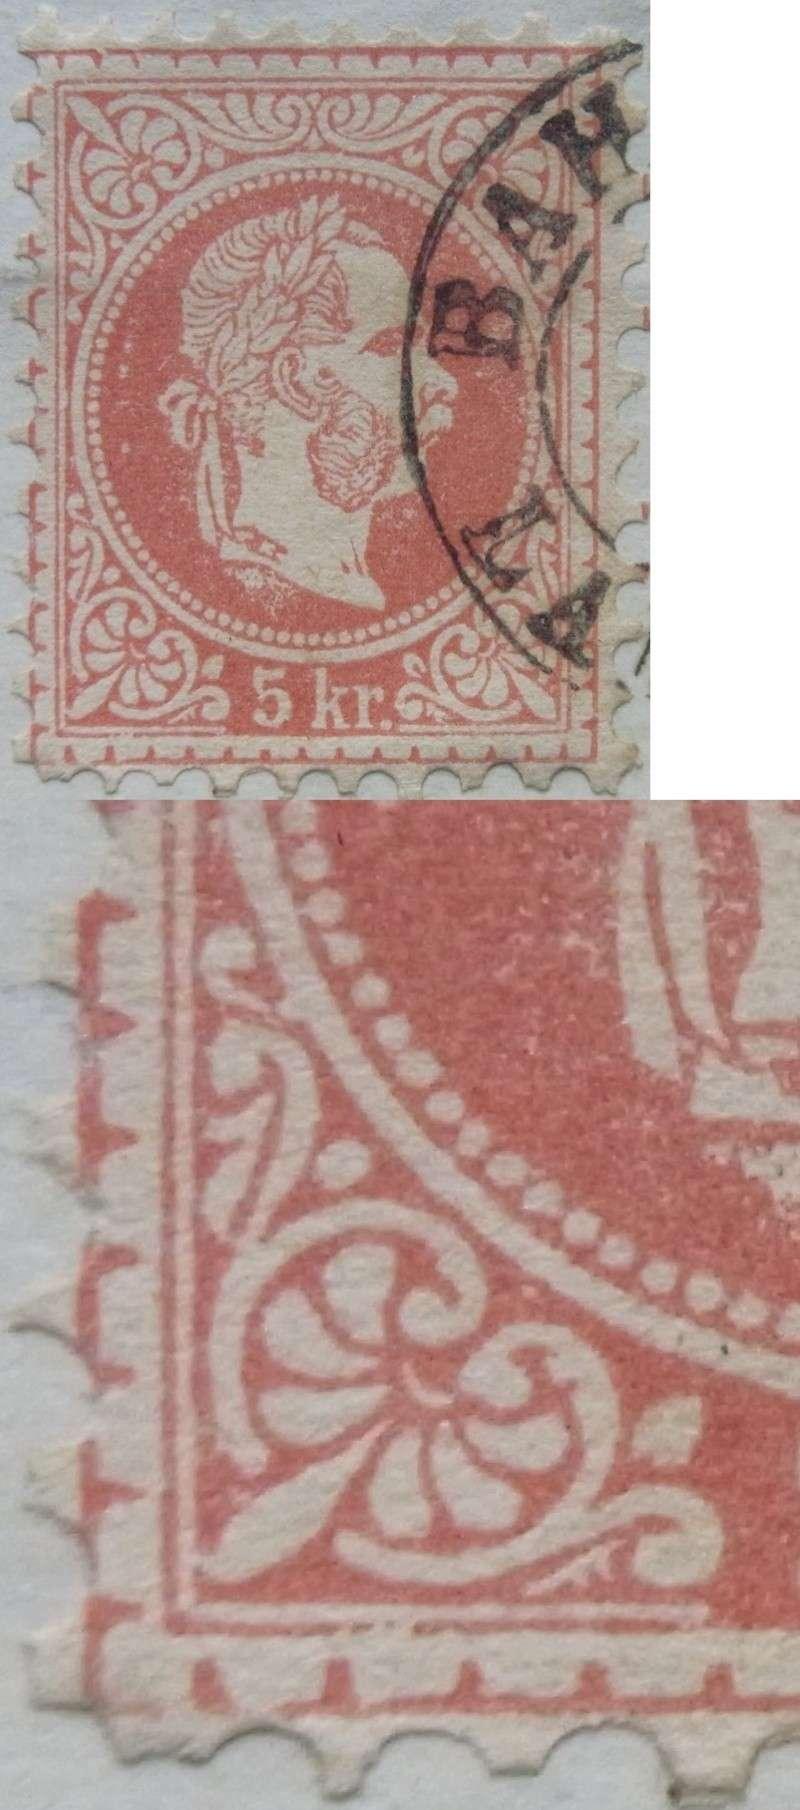 Freimarken-Ausgabe 1867 : Kopfbildnis Kaiser Franz Joseph I - Seite 4 Ank37-18